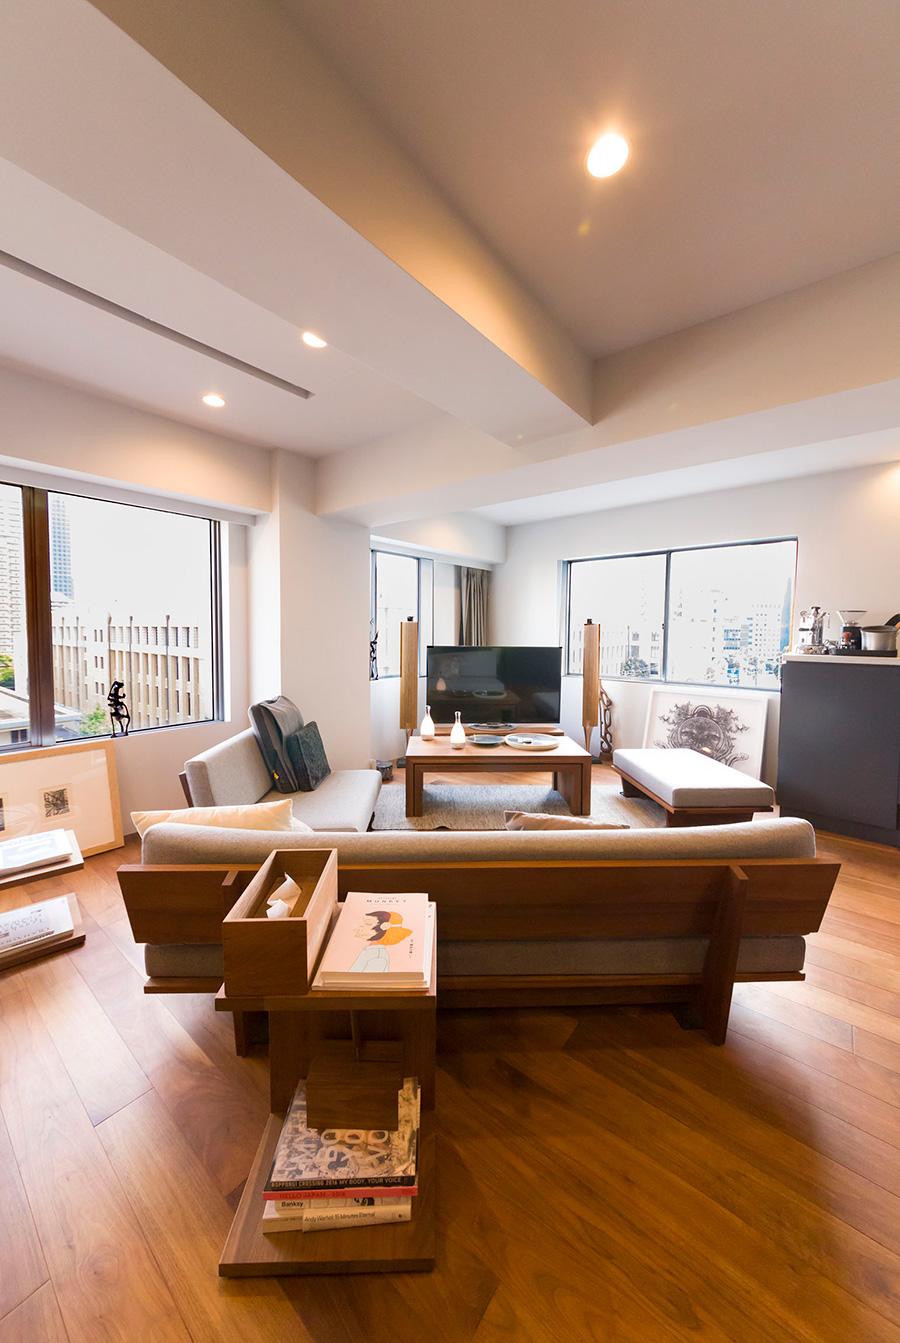 ウォールナットの背板が美しいソファは、大胆にリビングに対して斜めに設置。窓の外には東京タワーが見える。